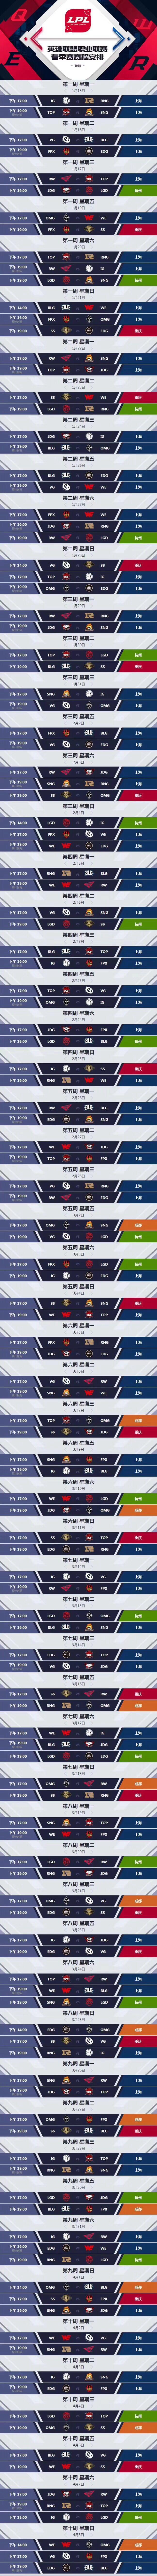 英雄联盟2018年LPL春季赛公布:iG RNG打响揭幕战